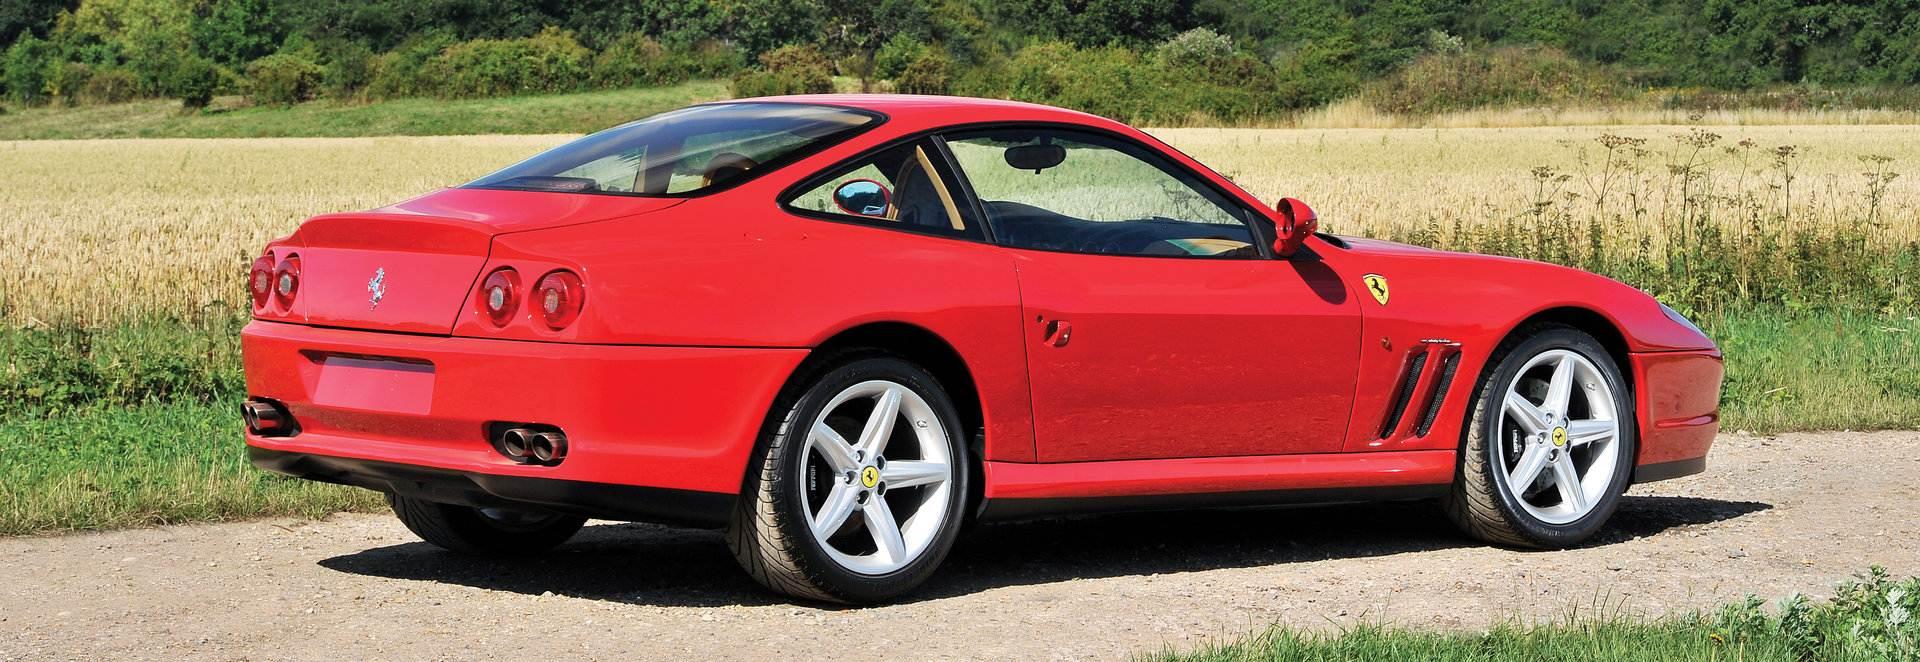 Ferrari 575 M Maranello Trasera